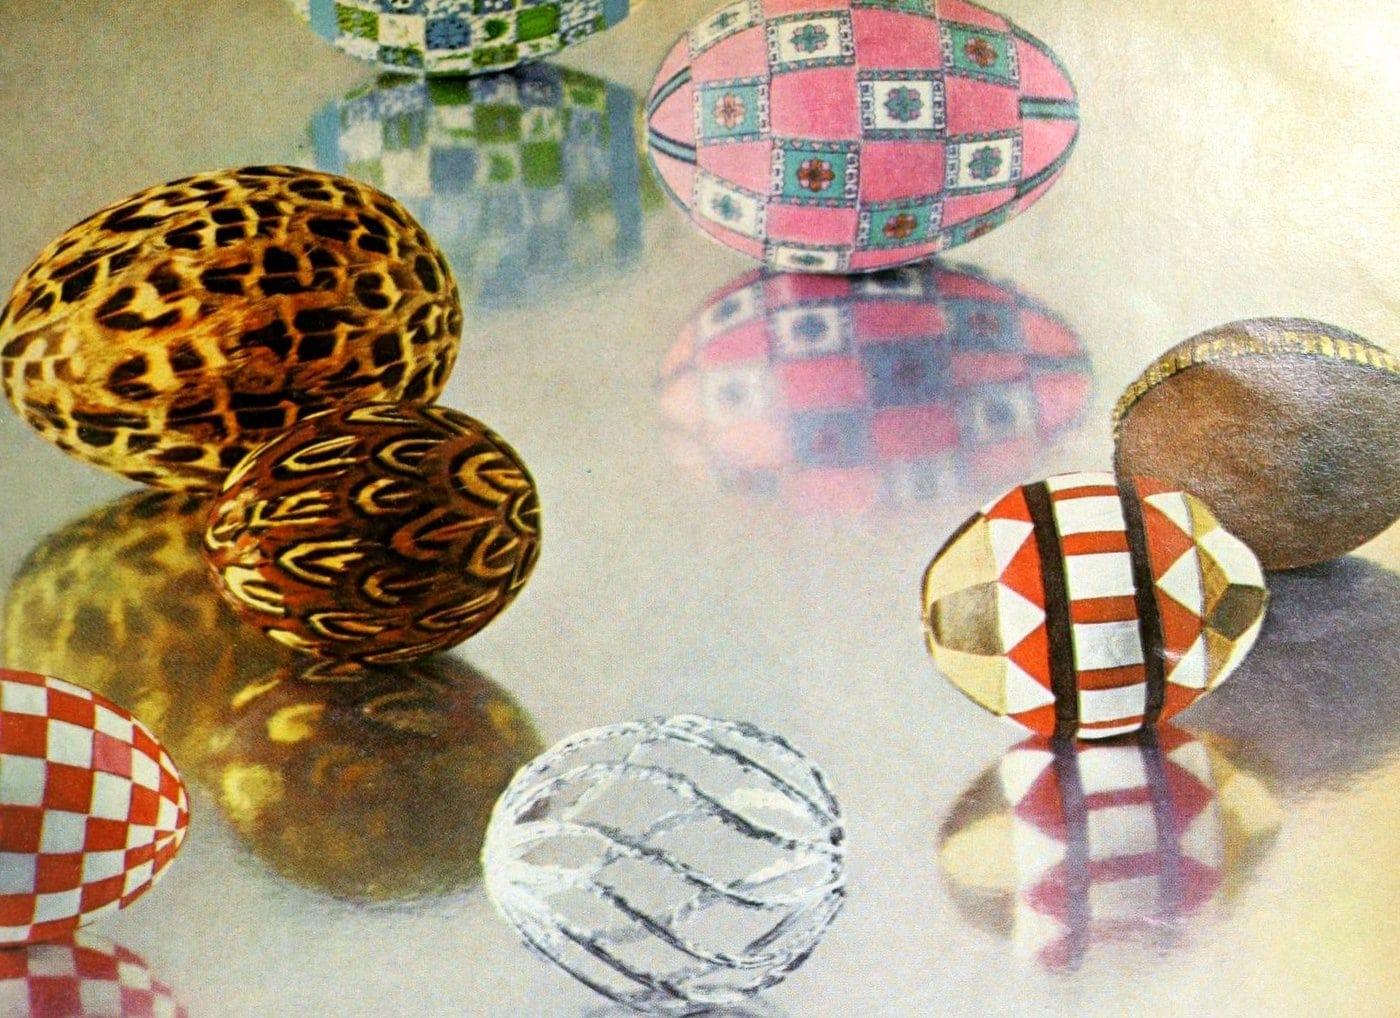 Elegant egg crafts from 1969